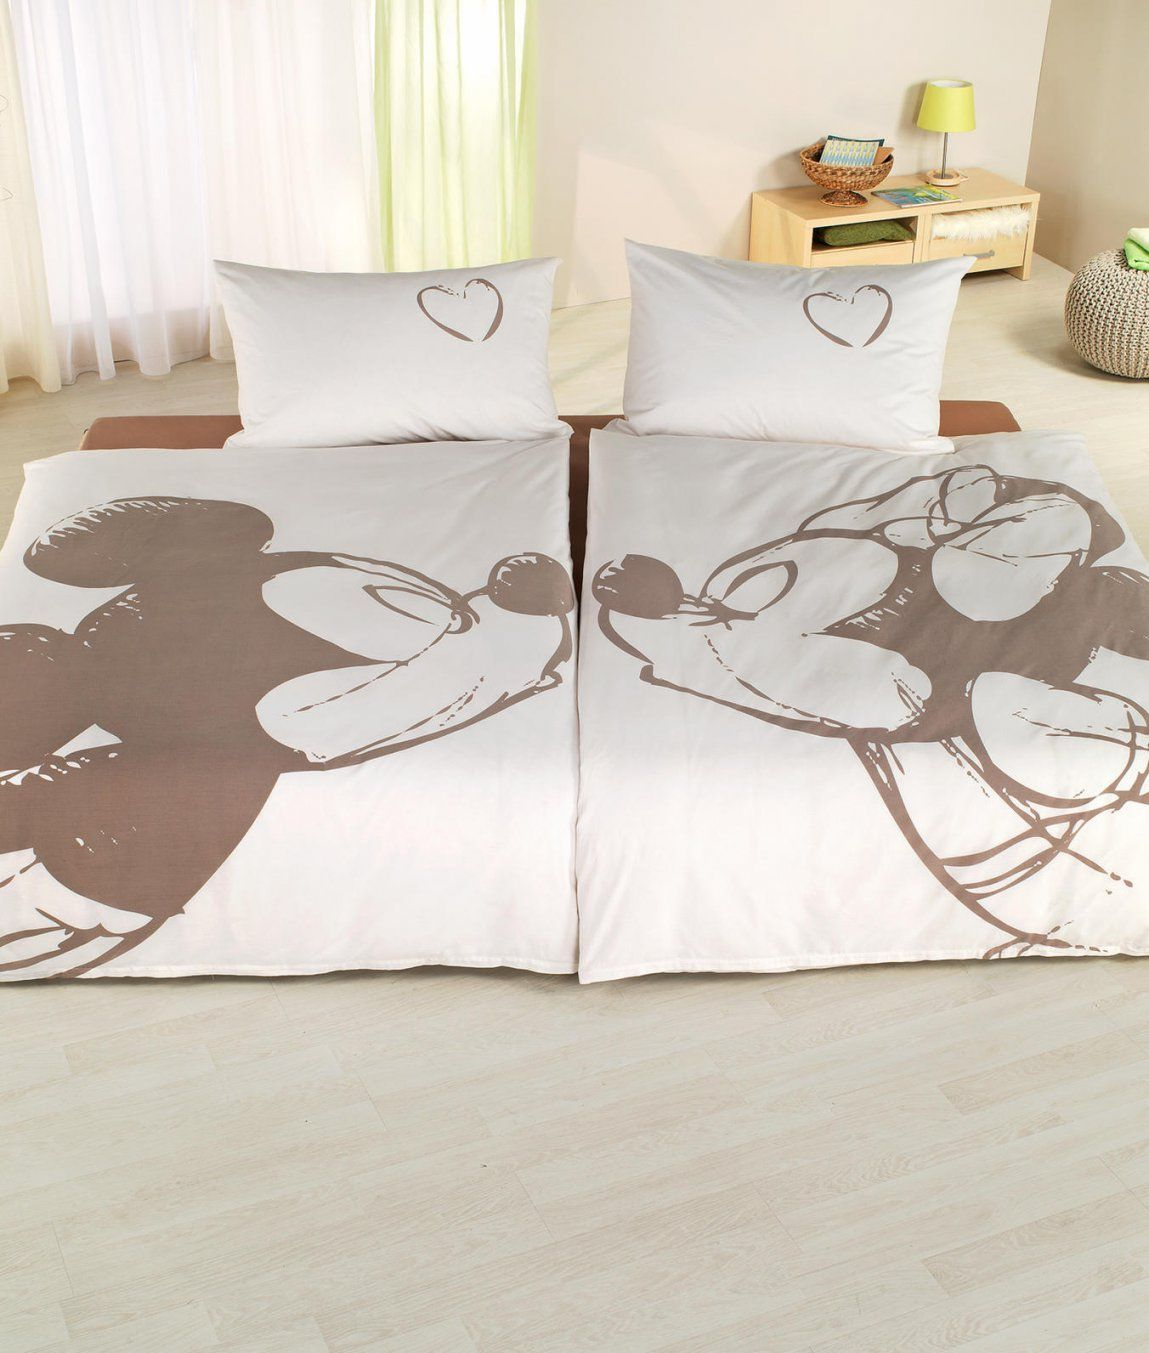 Mickey Mouse Partnerbettwäsche Im 2Erset Kaufen  Angela Bruderer von Partner Bettwäsche Herz Bild